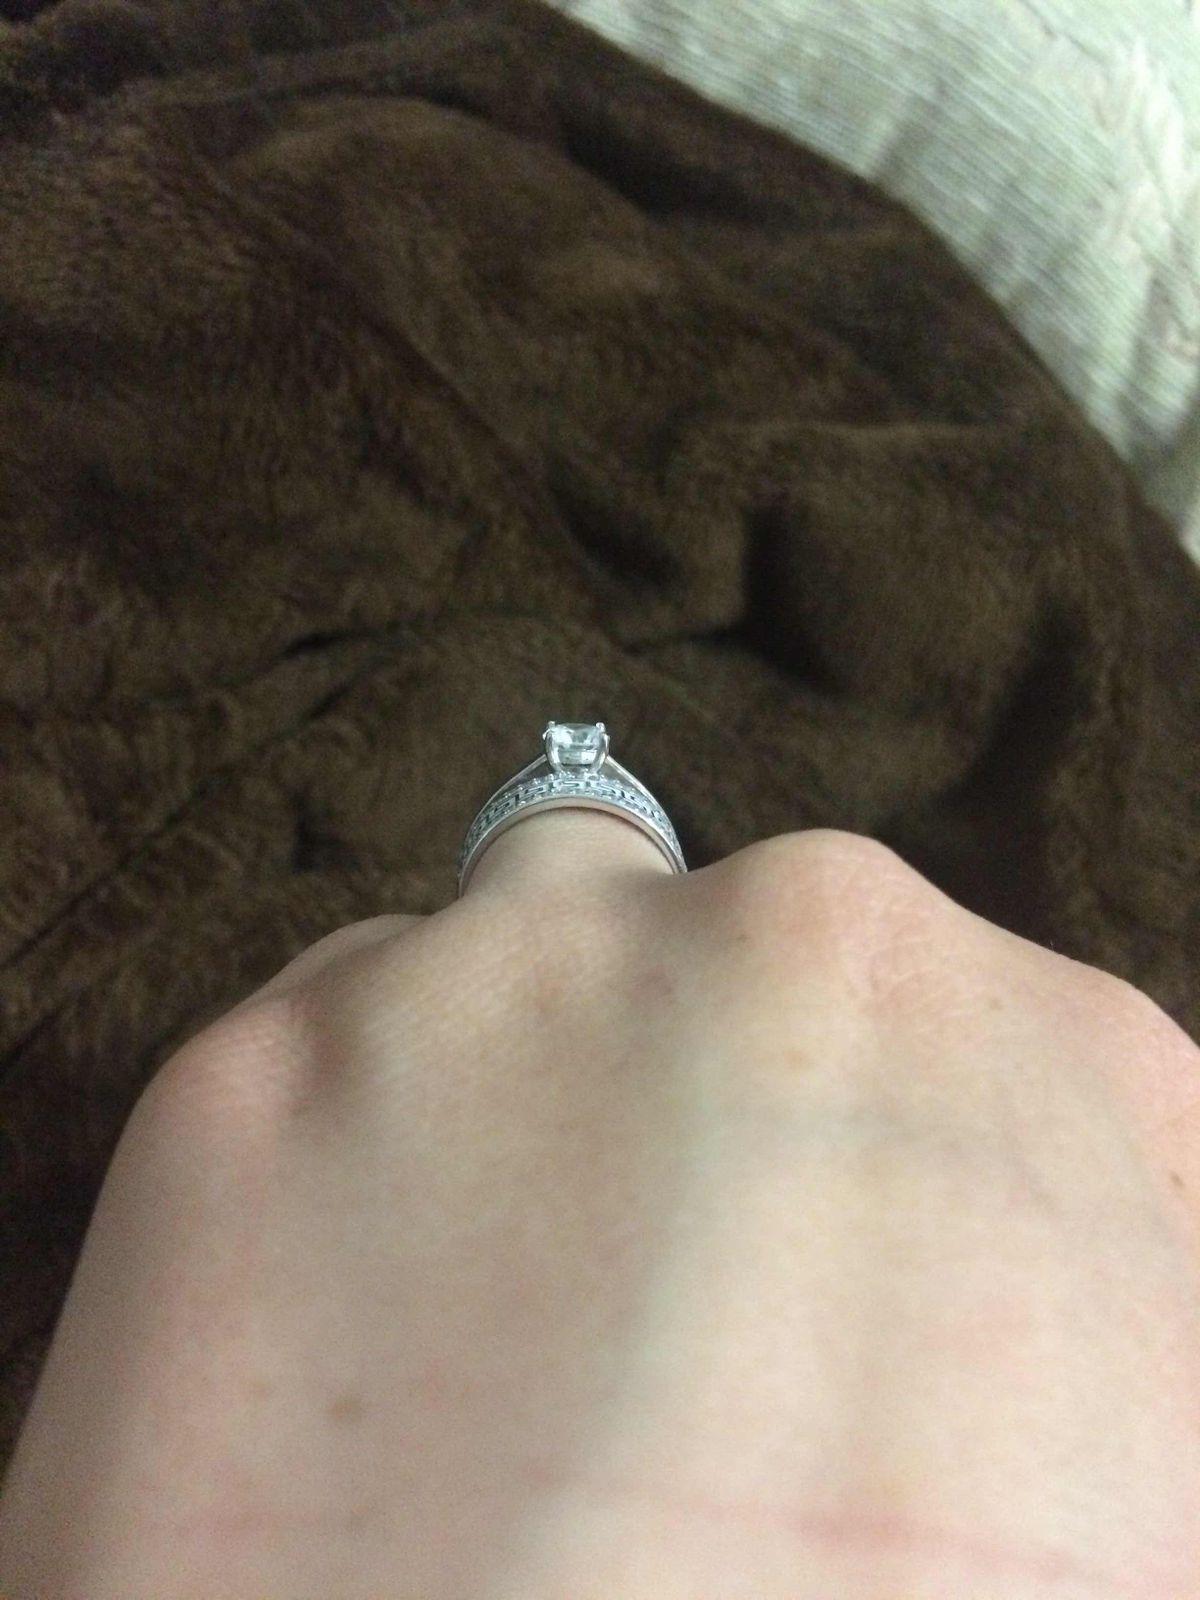 Милое и изящное кольцо за приятеую цену!